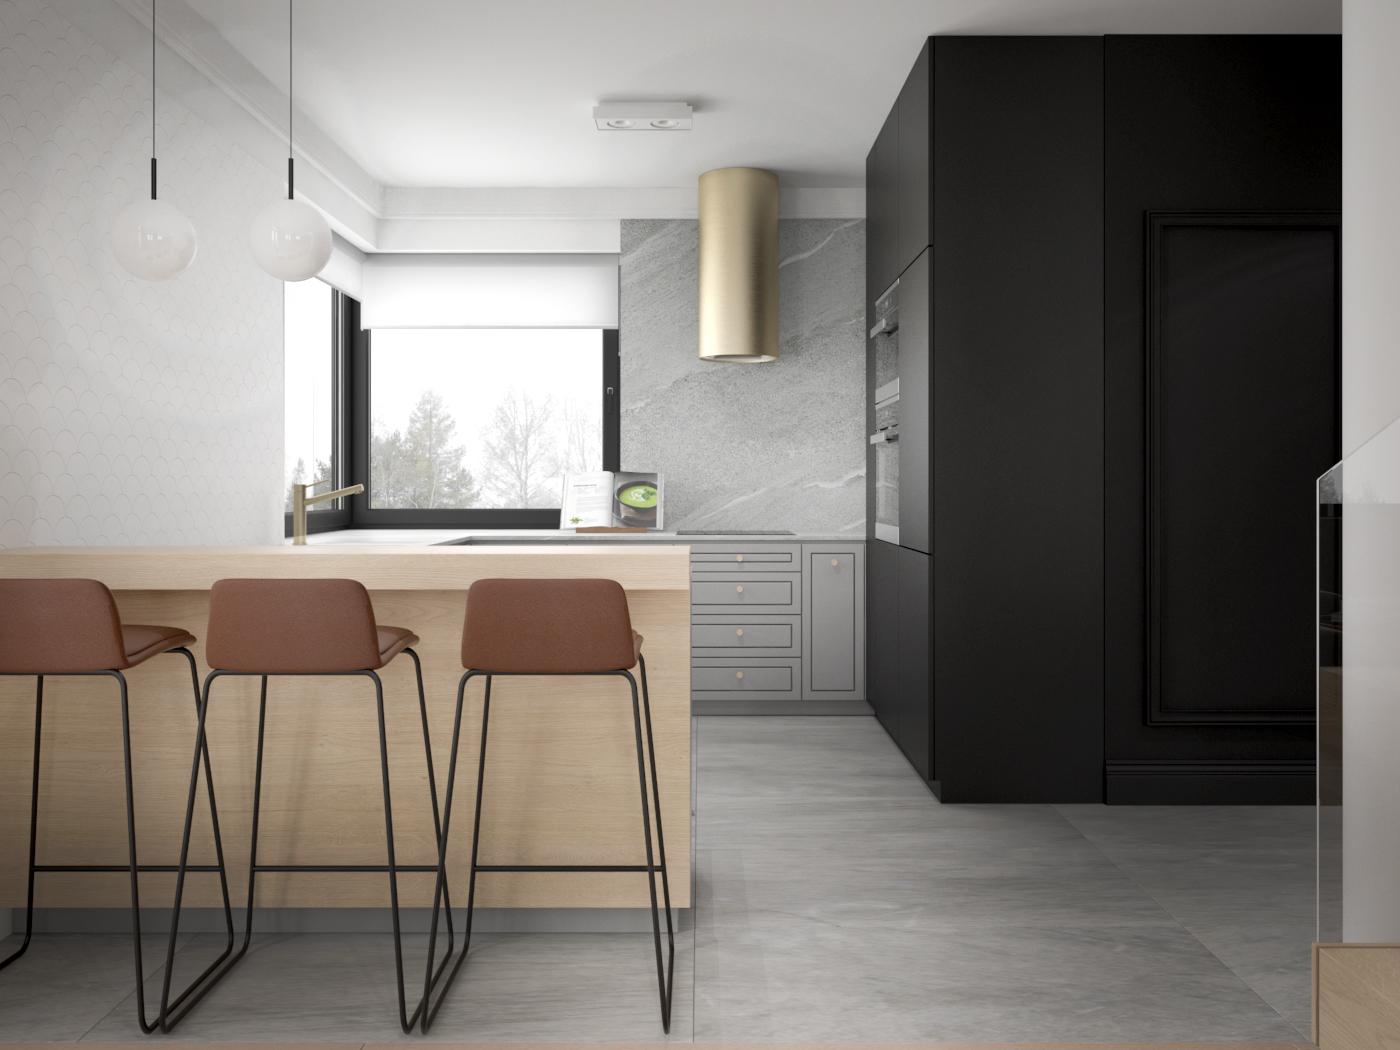 9 architek wnetrz D538 dom nowy sacz kuchnia zloty okap polwyspa z hokerami czarna sciana